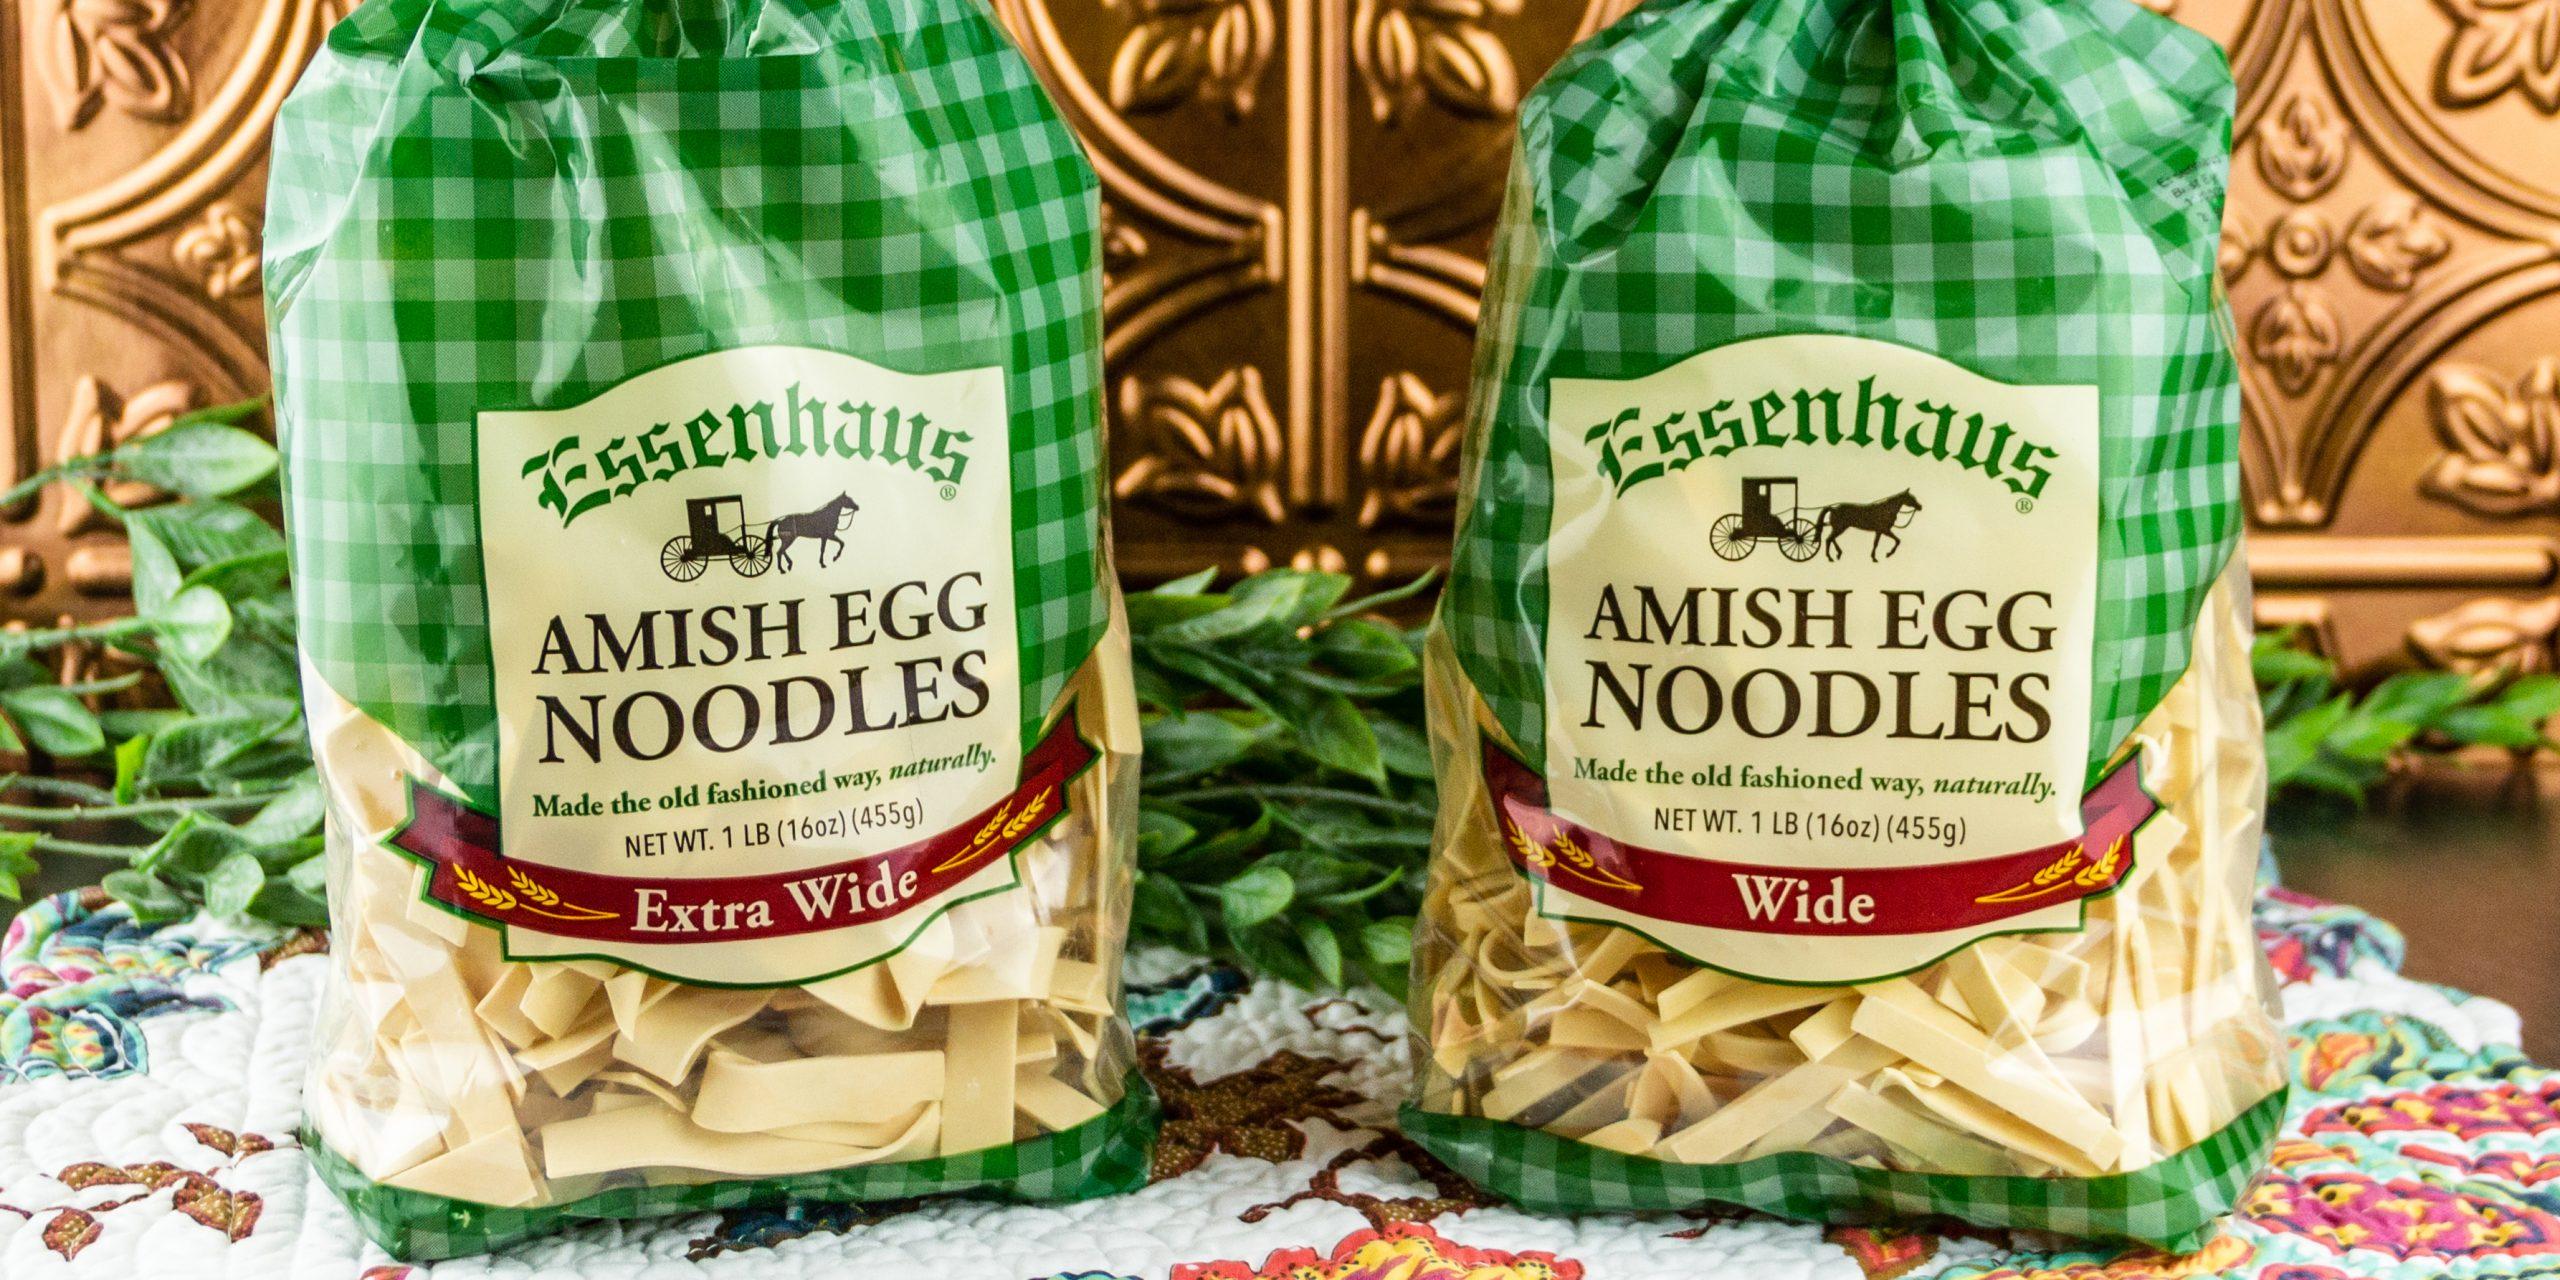 Essenhaus Foods